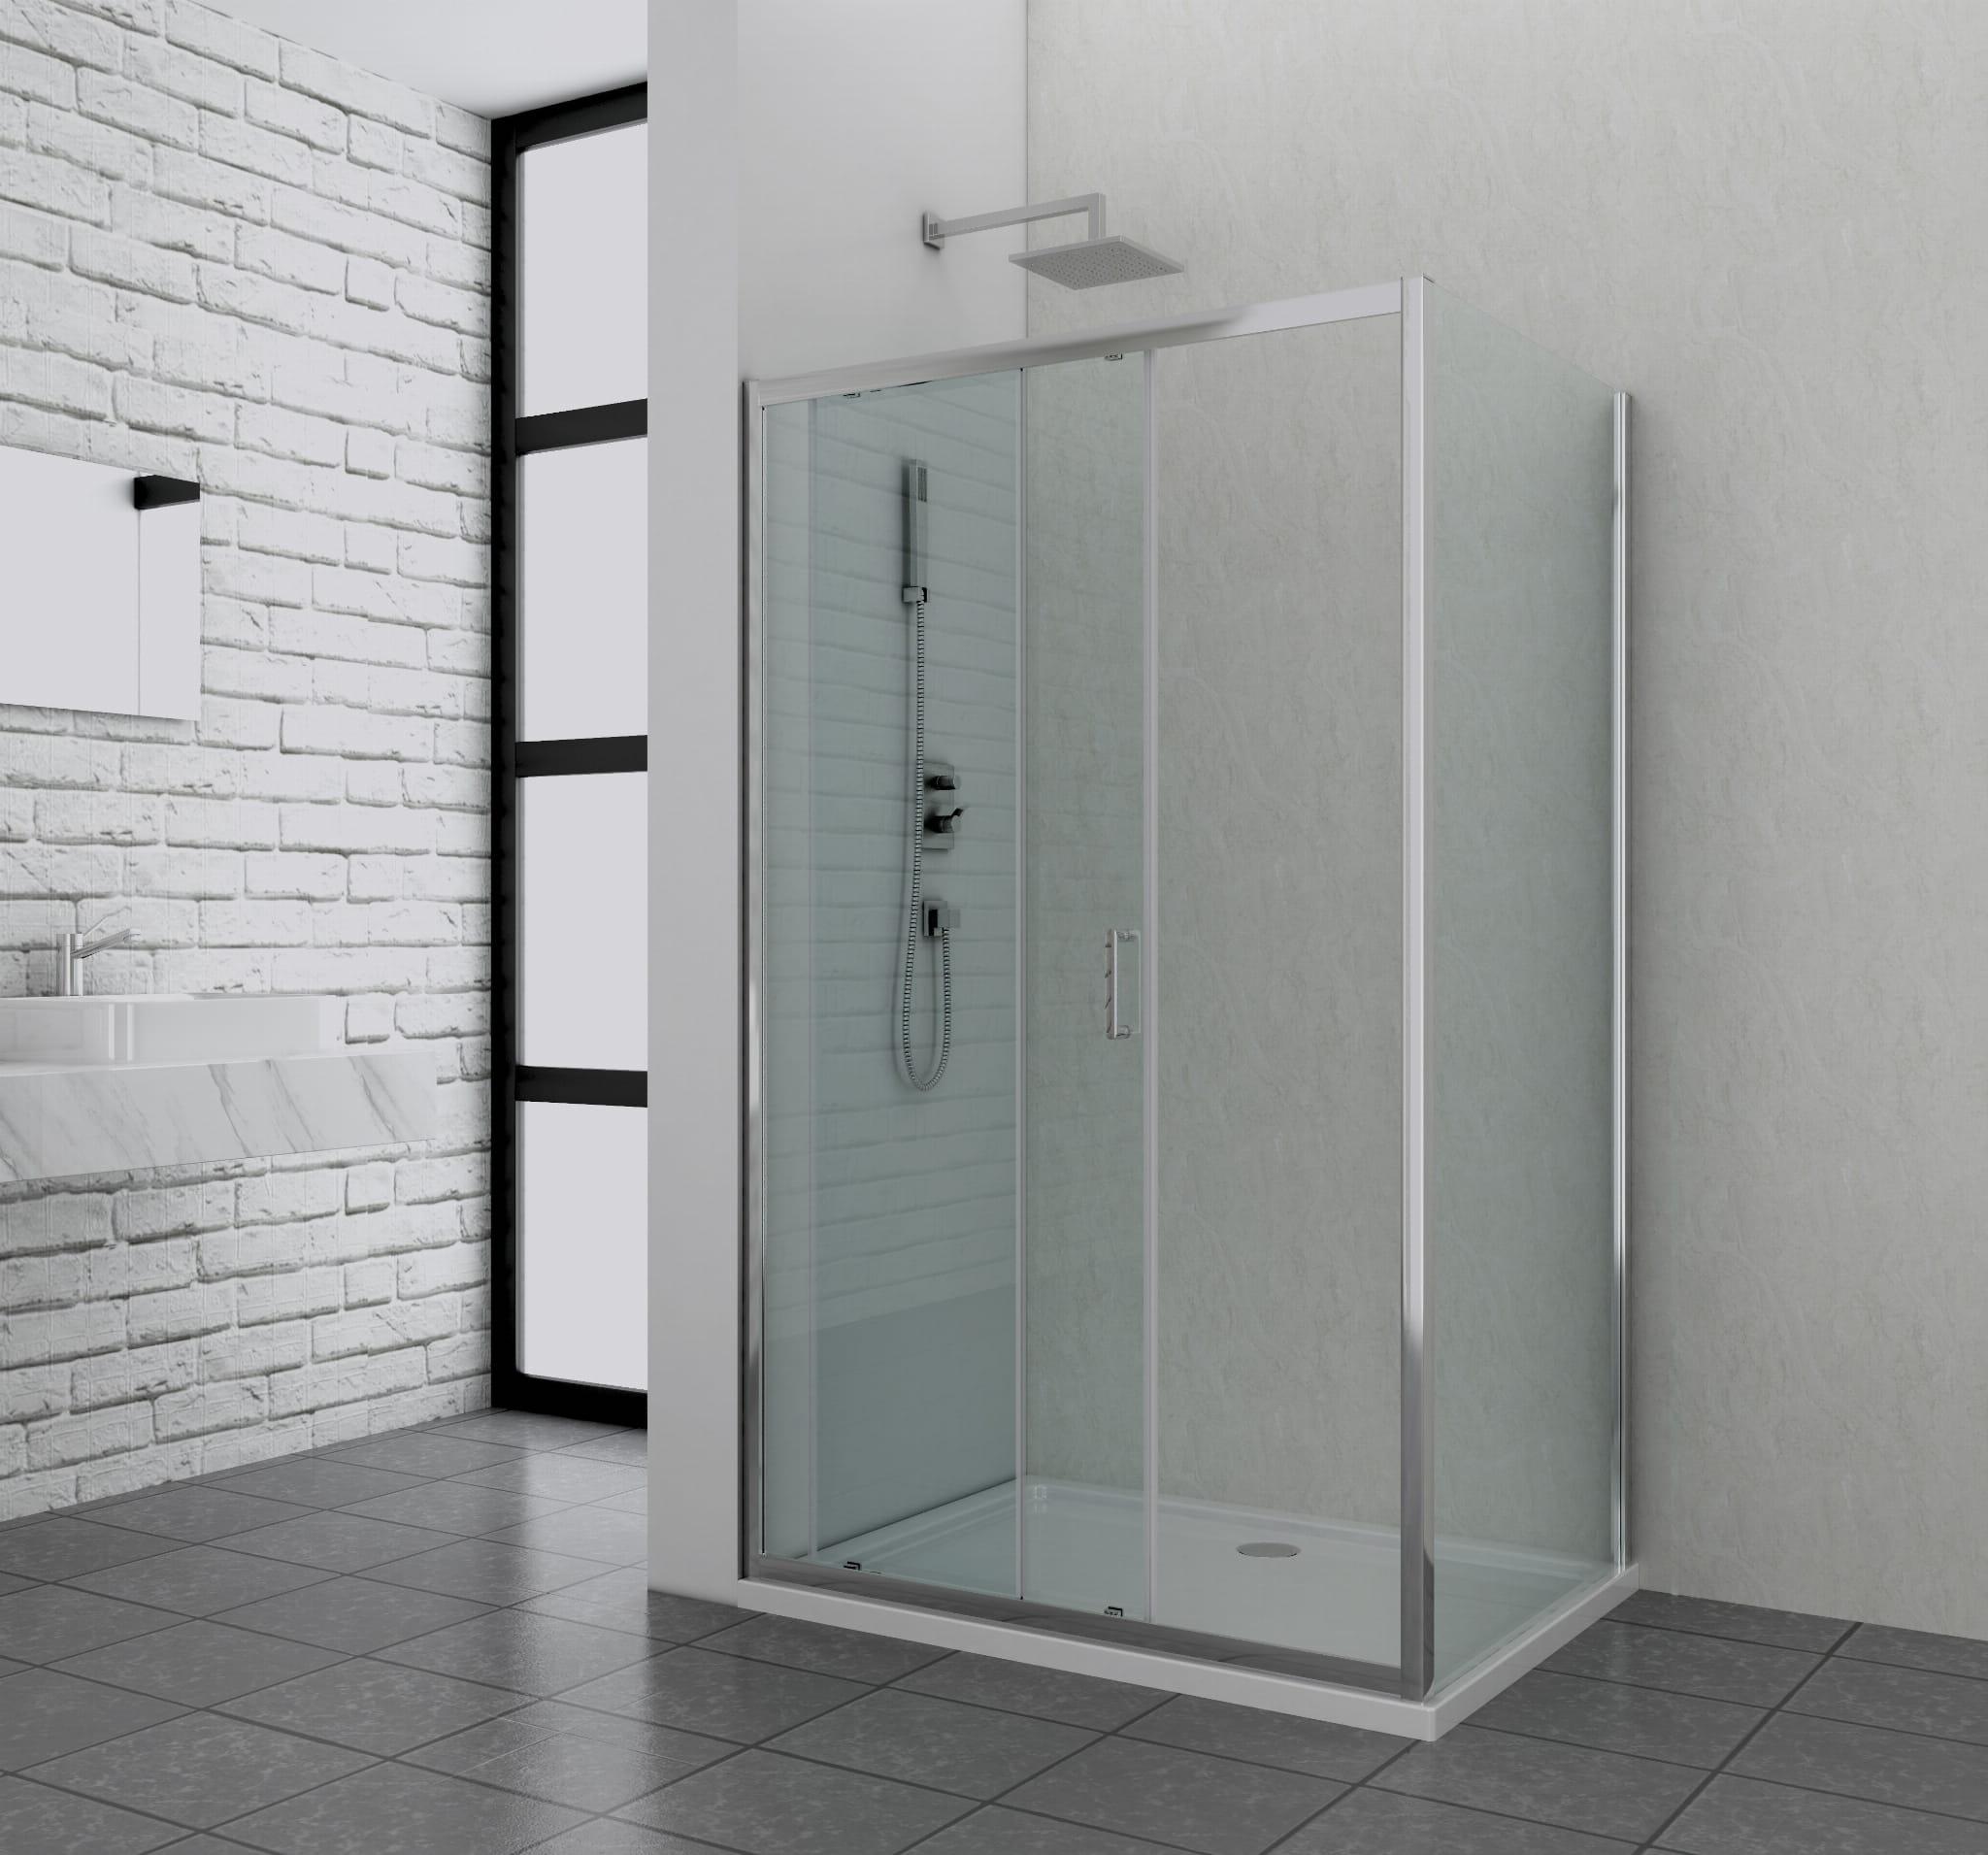 Sanotechnik - ELITE CHROME - Sprchovací kút, posuvné dvere 120 x 90 x 195 cm